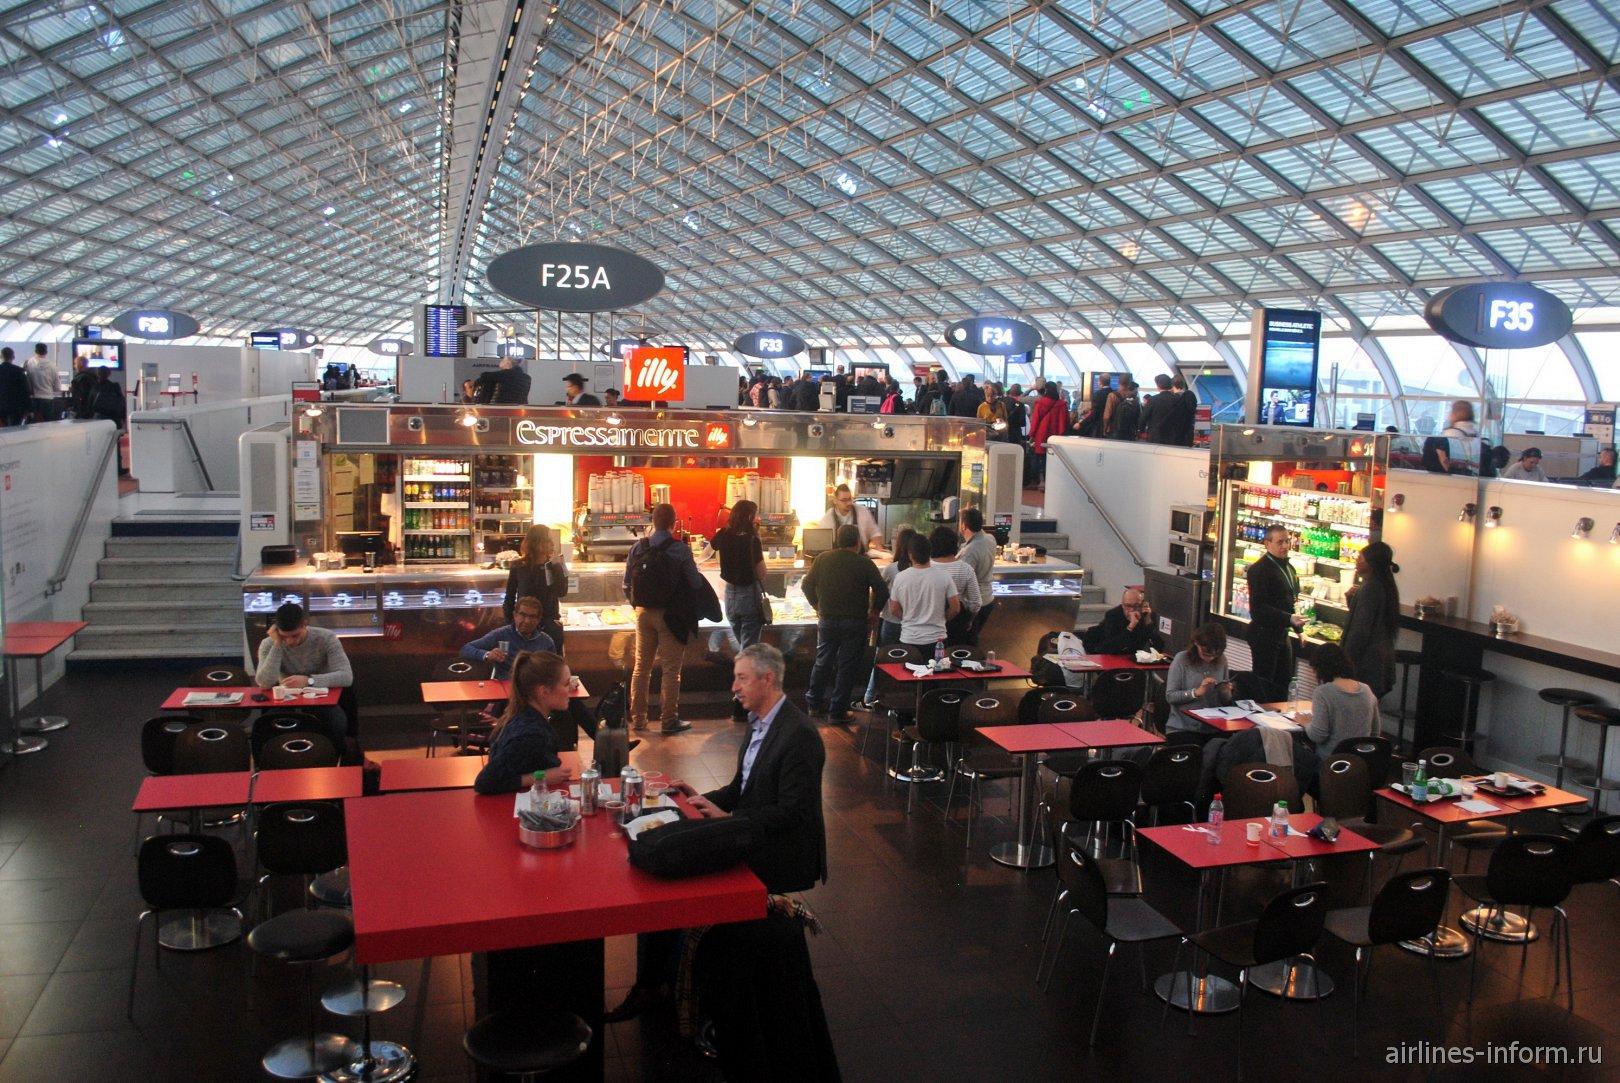 Фудкорт в конкорск F терминала 2 аэропорта Париж Шарль-де-Голль